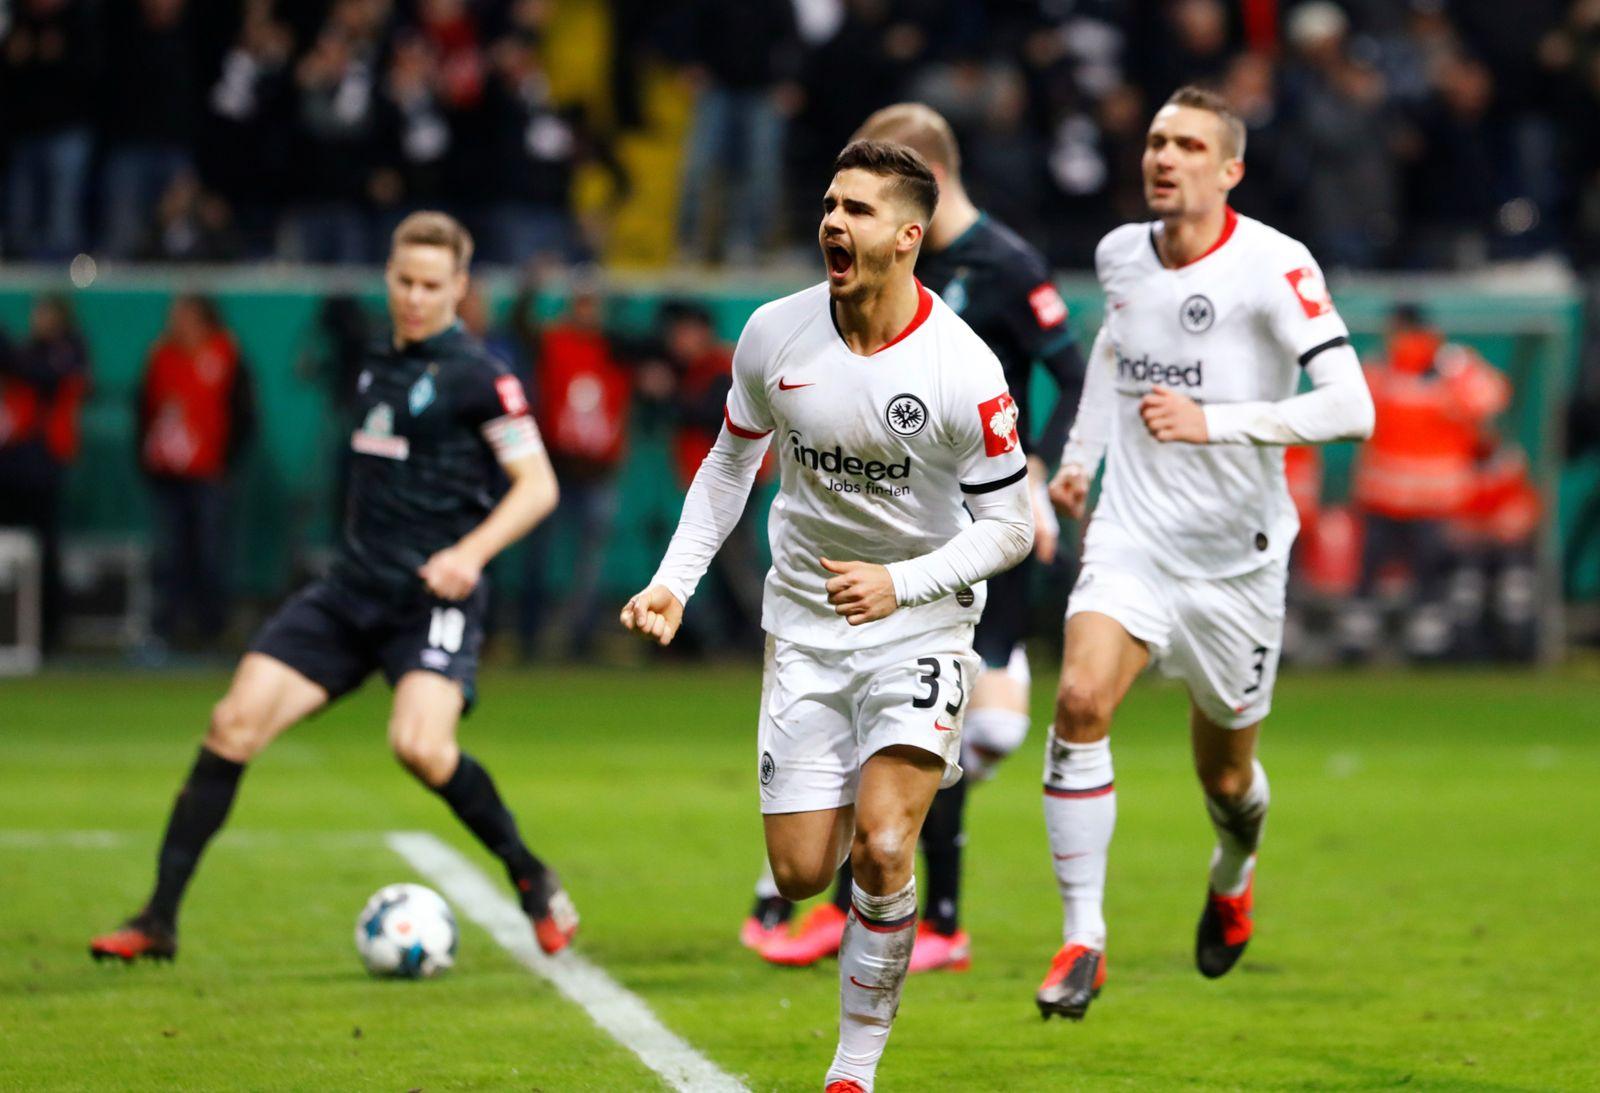 DFB Cup - Quarter Final - Eintracht Frankfurt v Werder Bremen